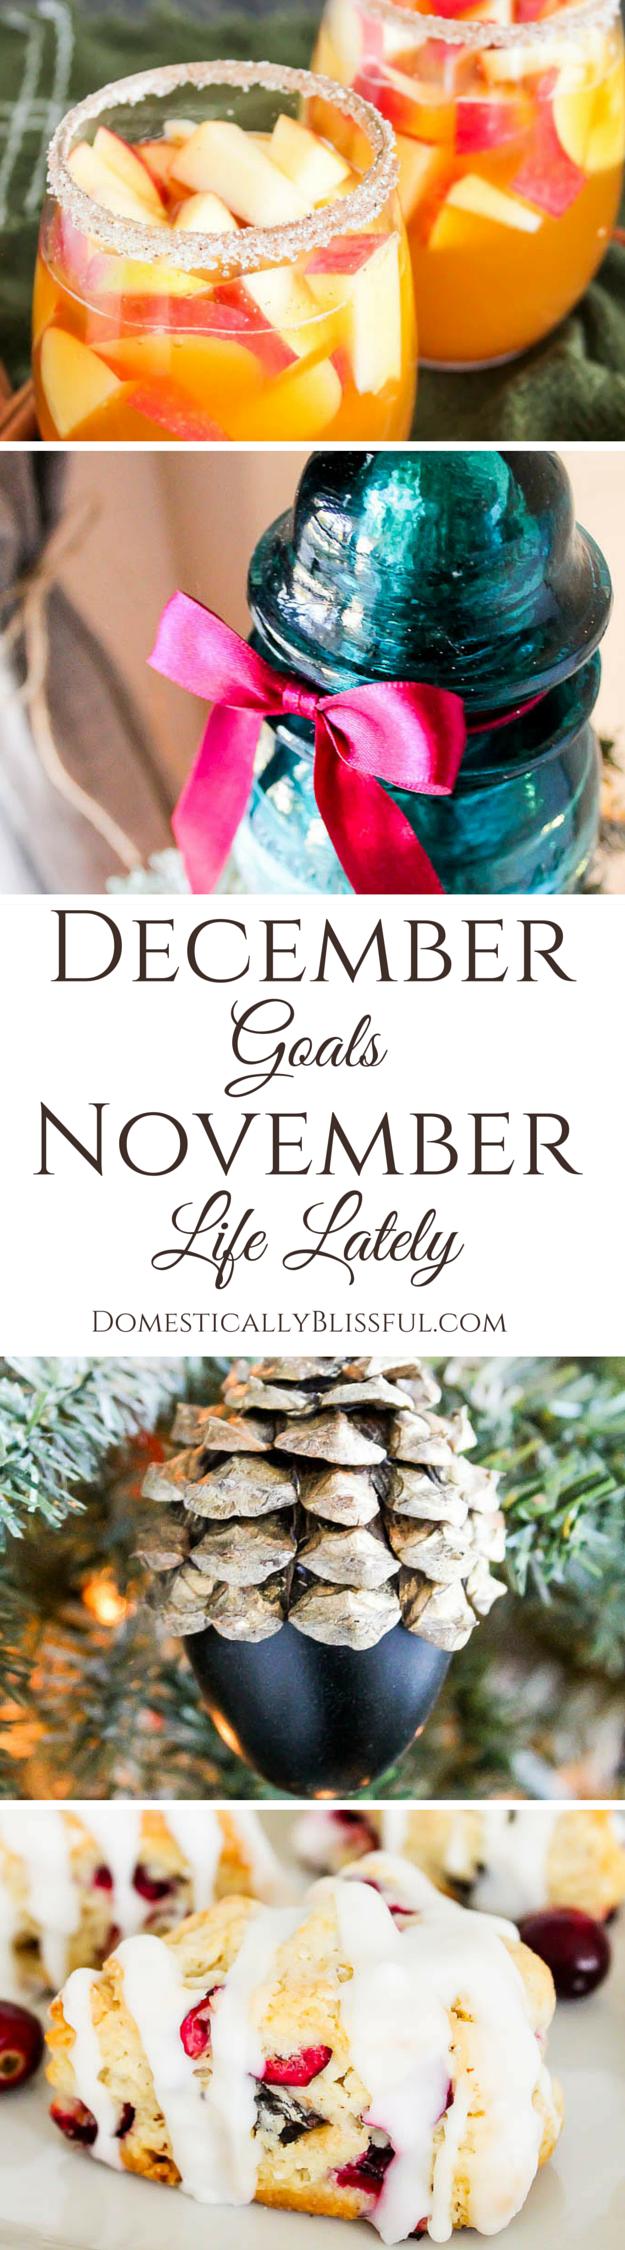 December Goals & November Life Lately